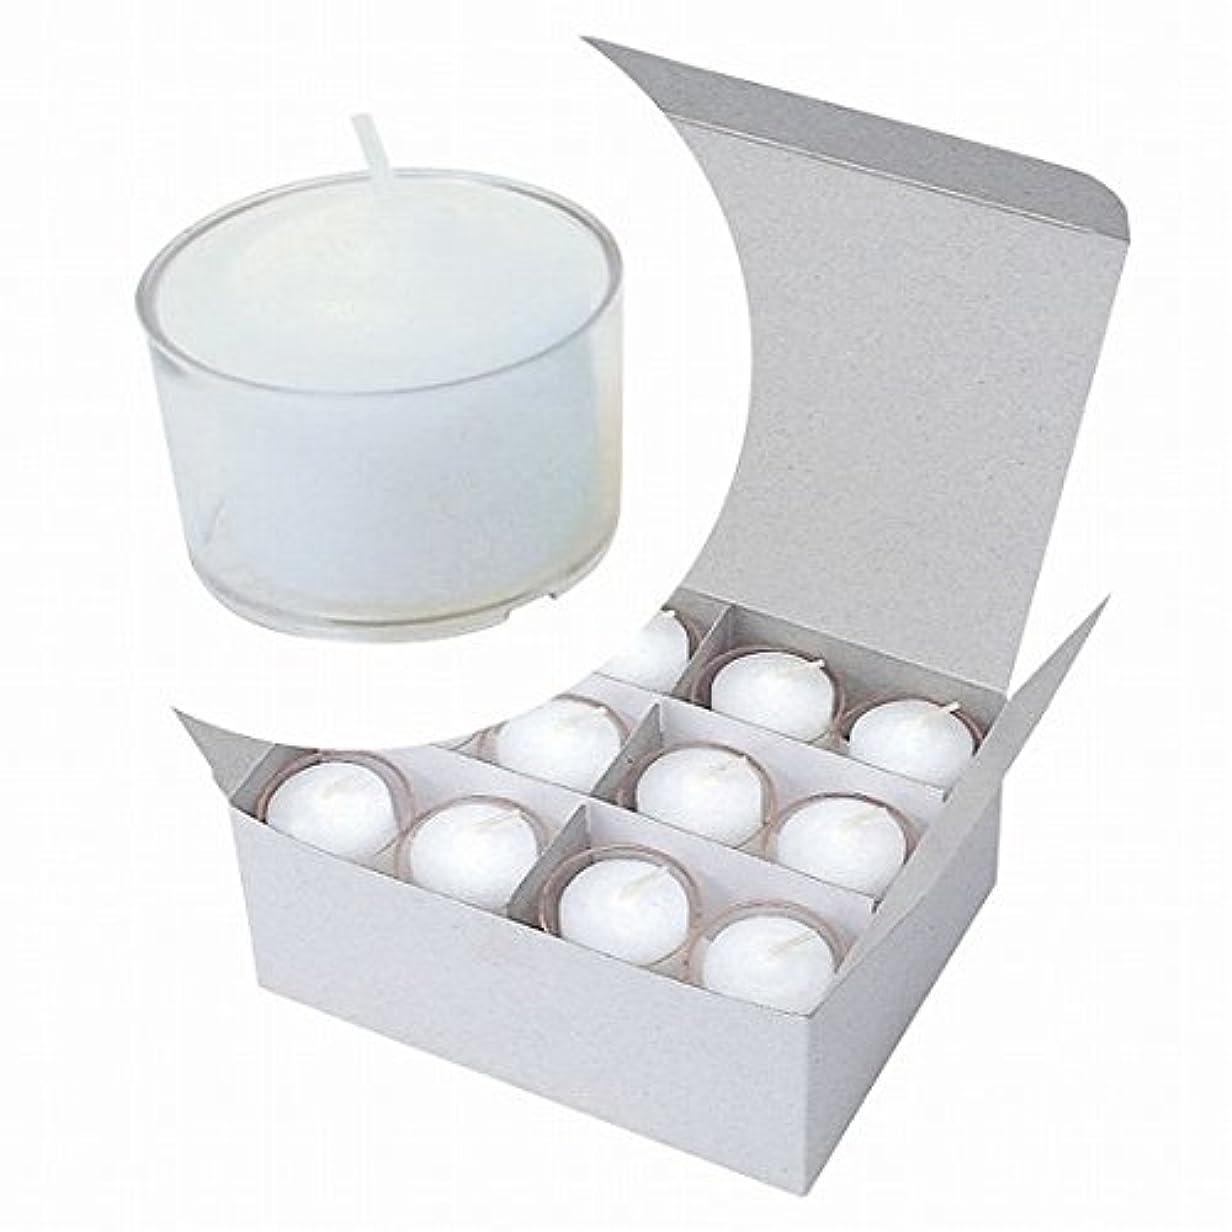 カメヤマキャンドル(kameyama candle) カラークリアカップボーティブ6時間タイプ 24個入り 「 クリア 」